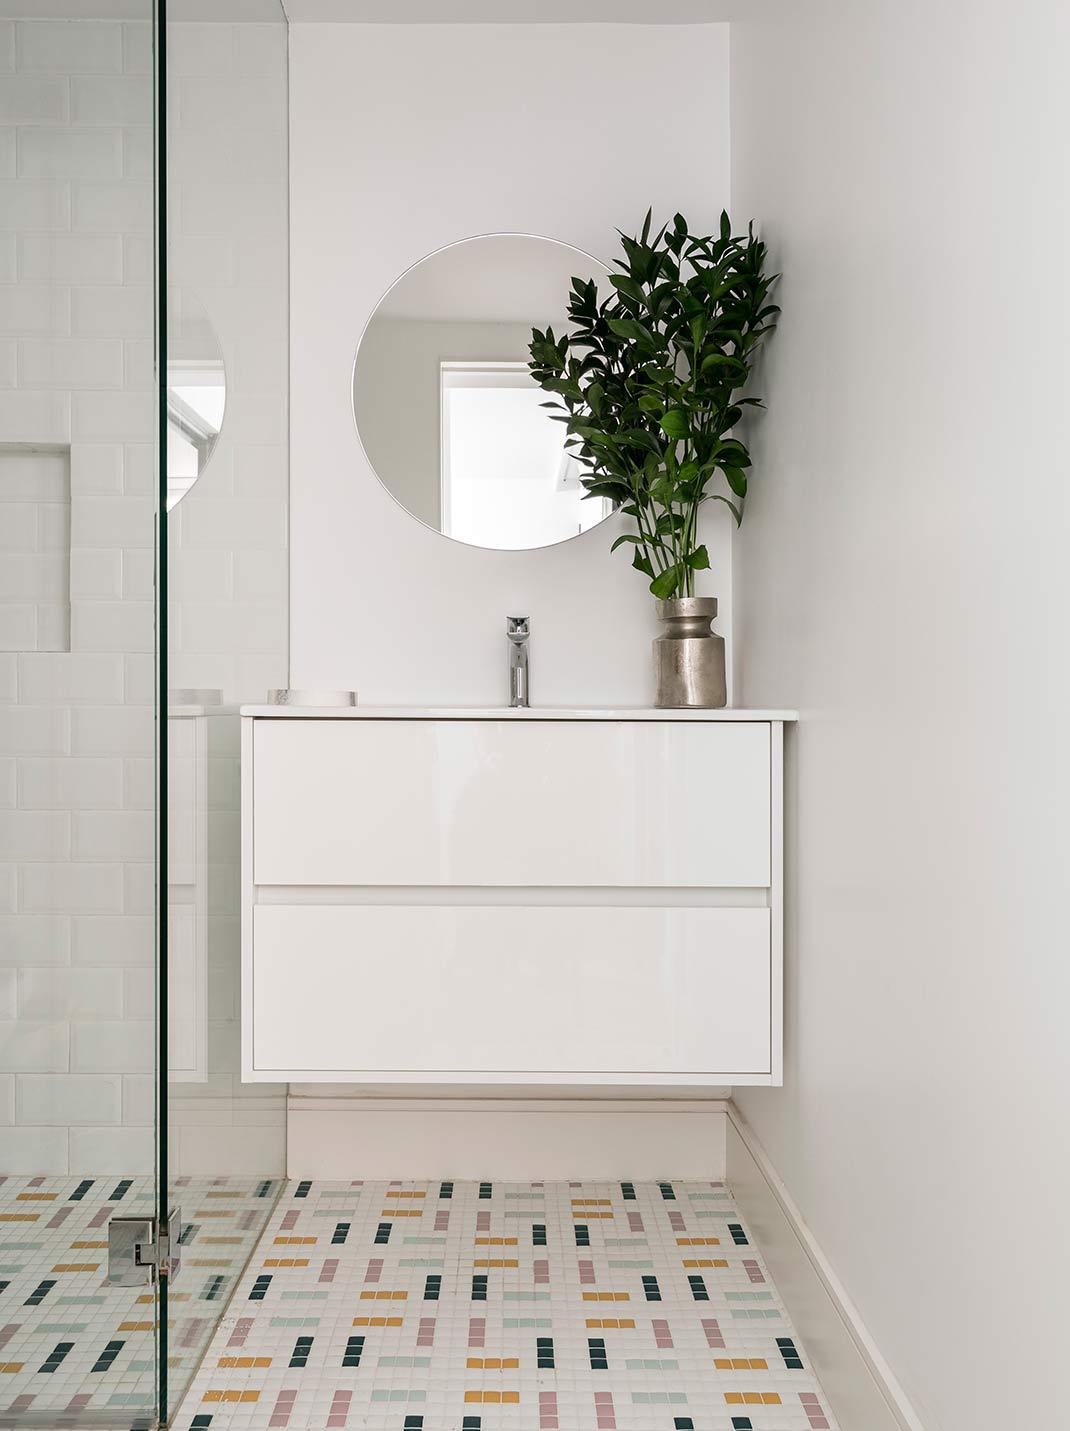 Proyecto-hisbalit-MOTEL | Baño-uno de los dos banos del apartamento 1